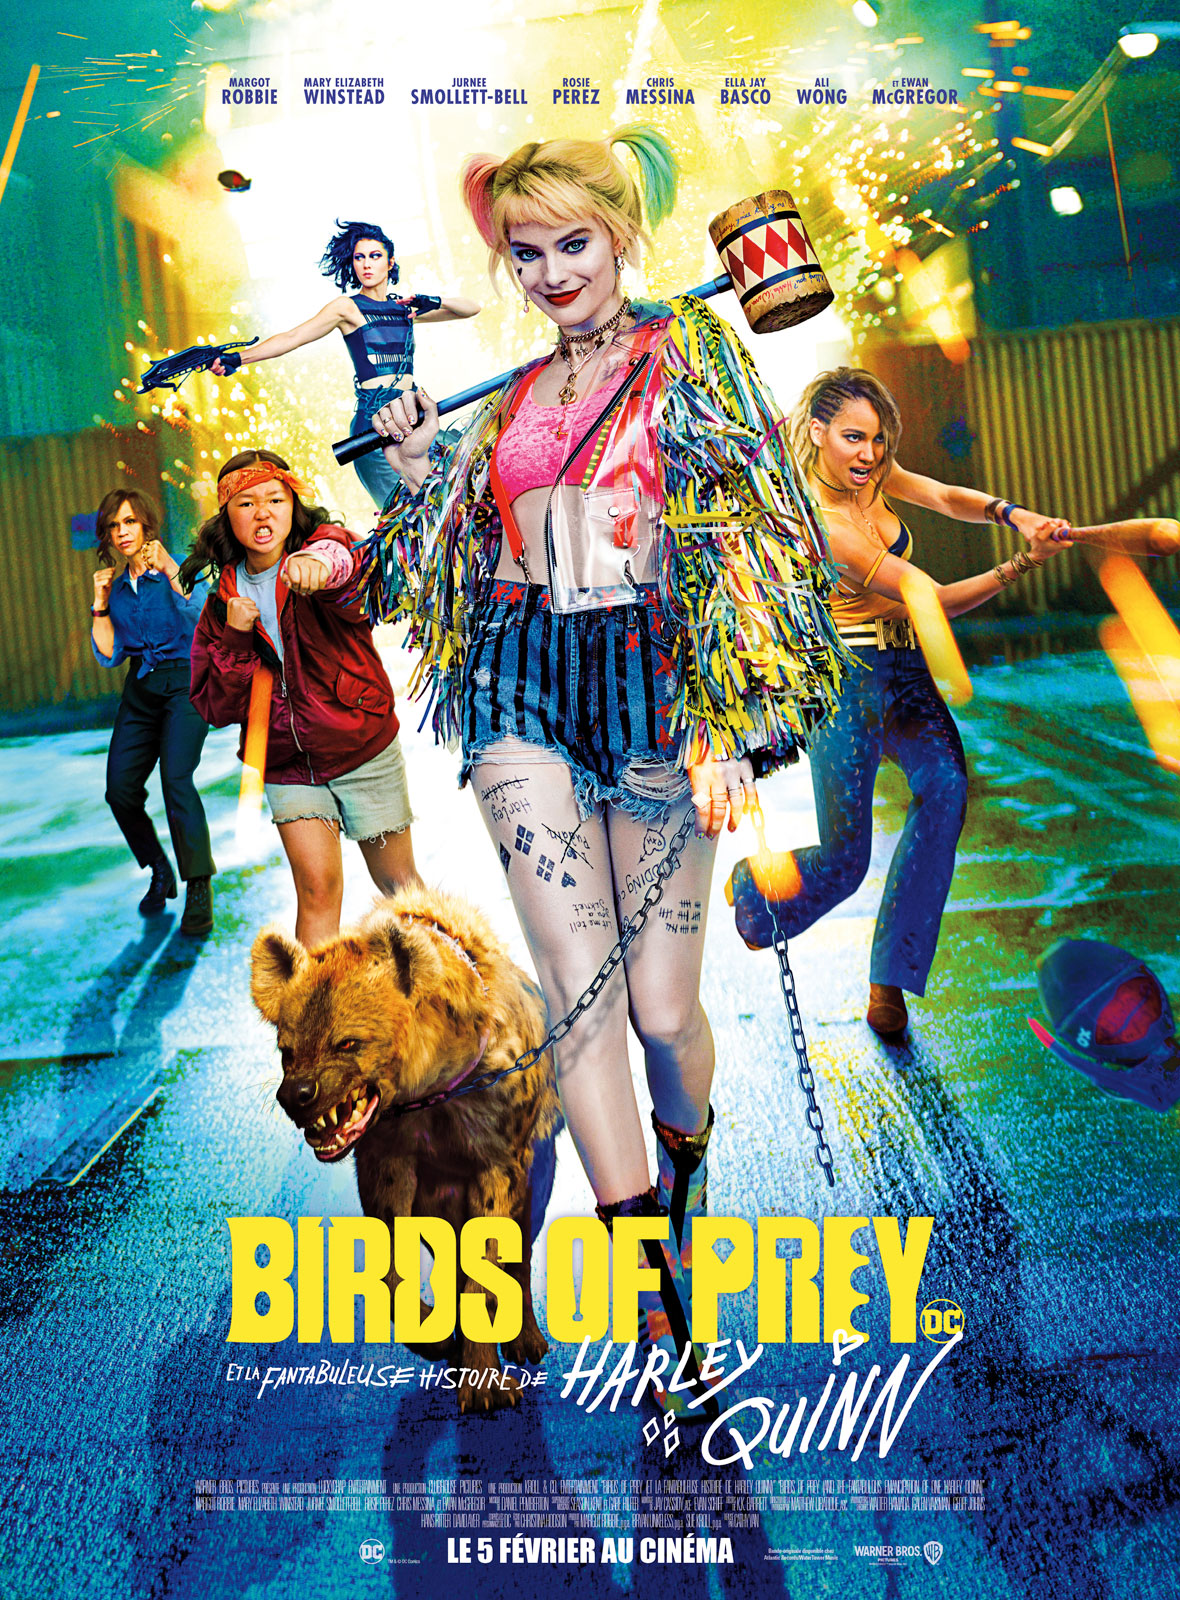 Achat Birds of Prey et la fantabuleuse histoire de Harley Quinn en ...